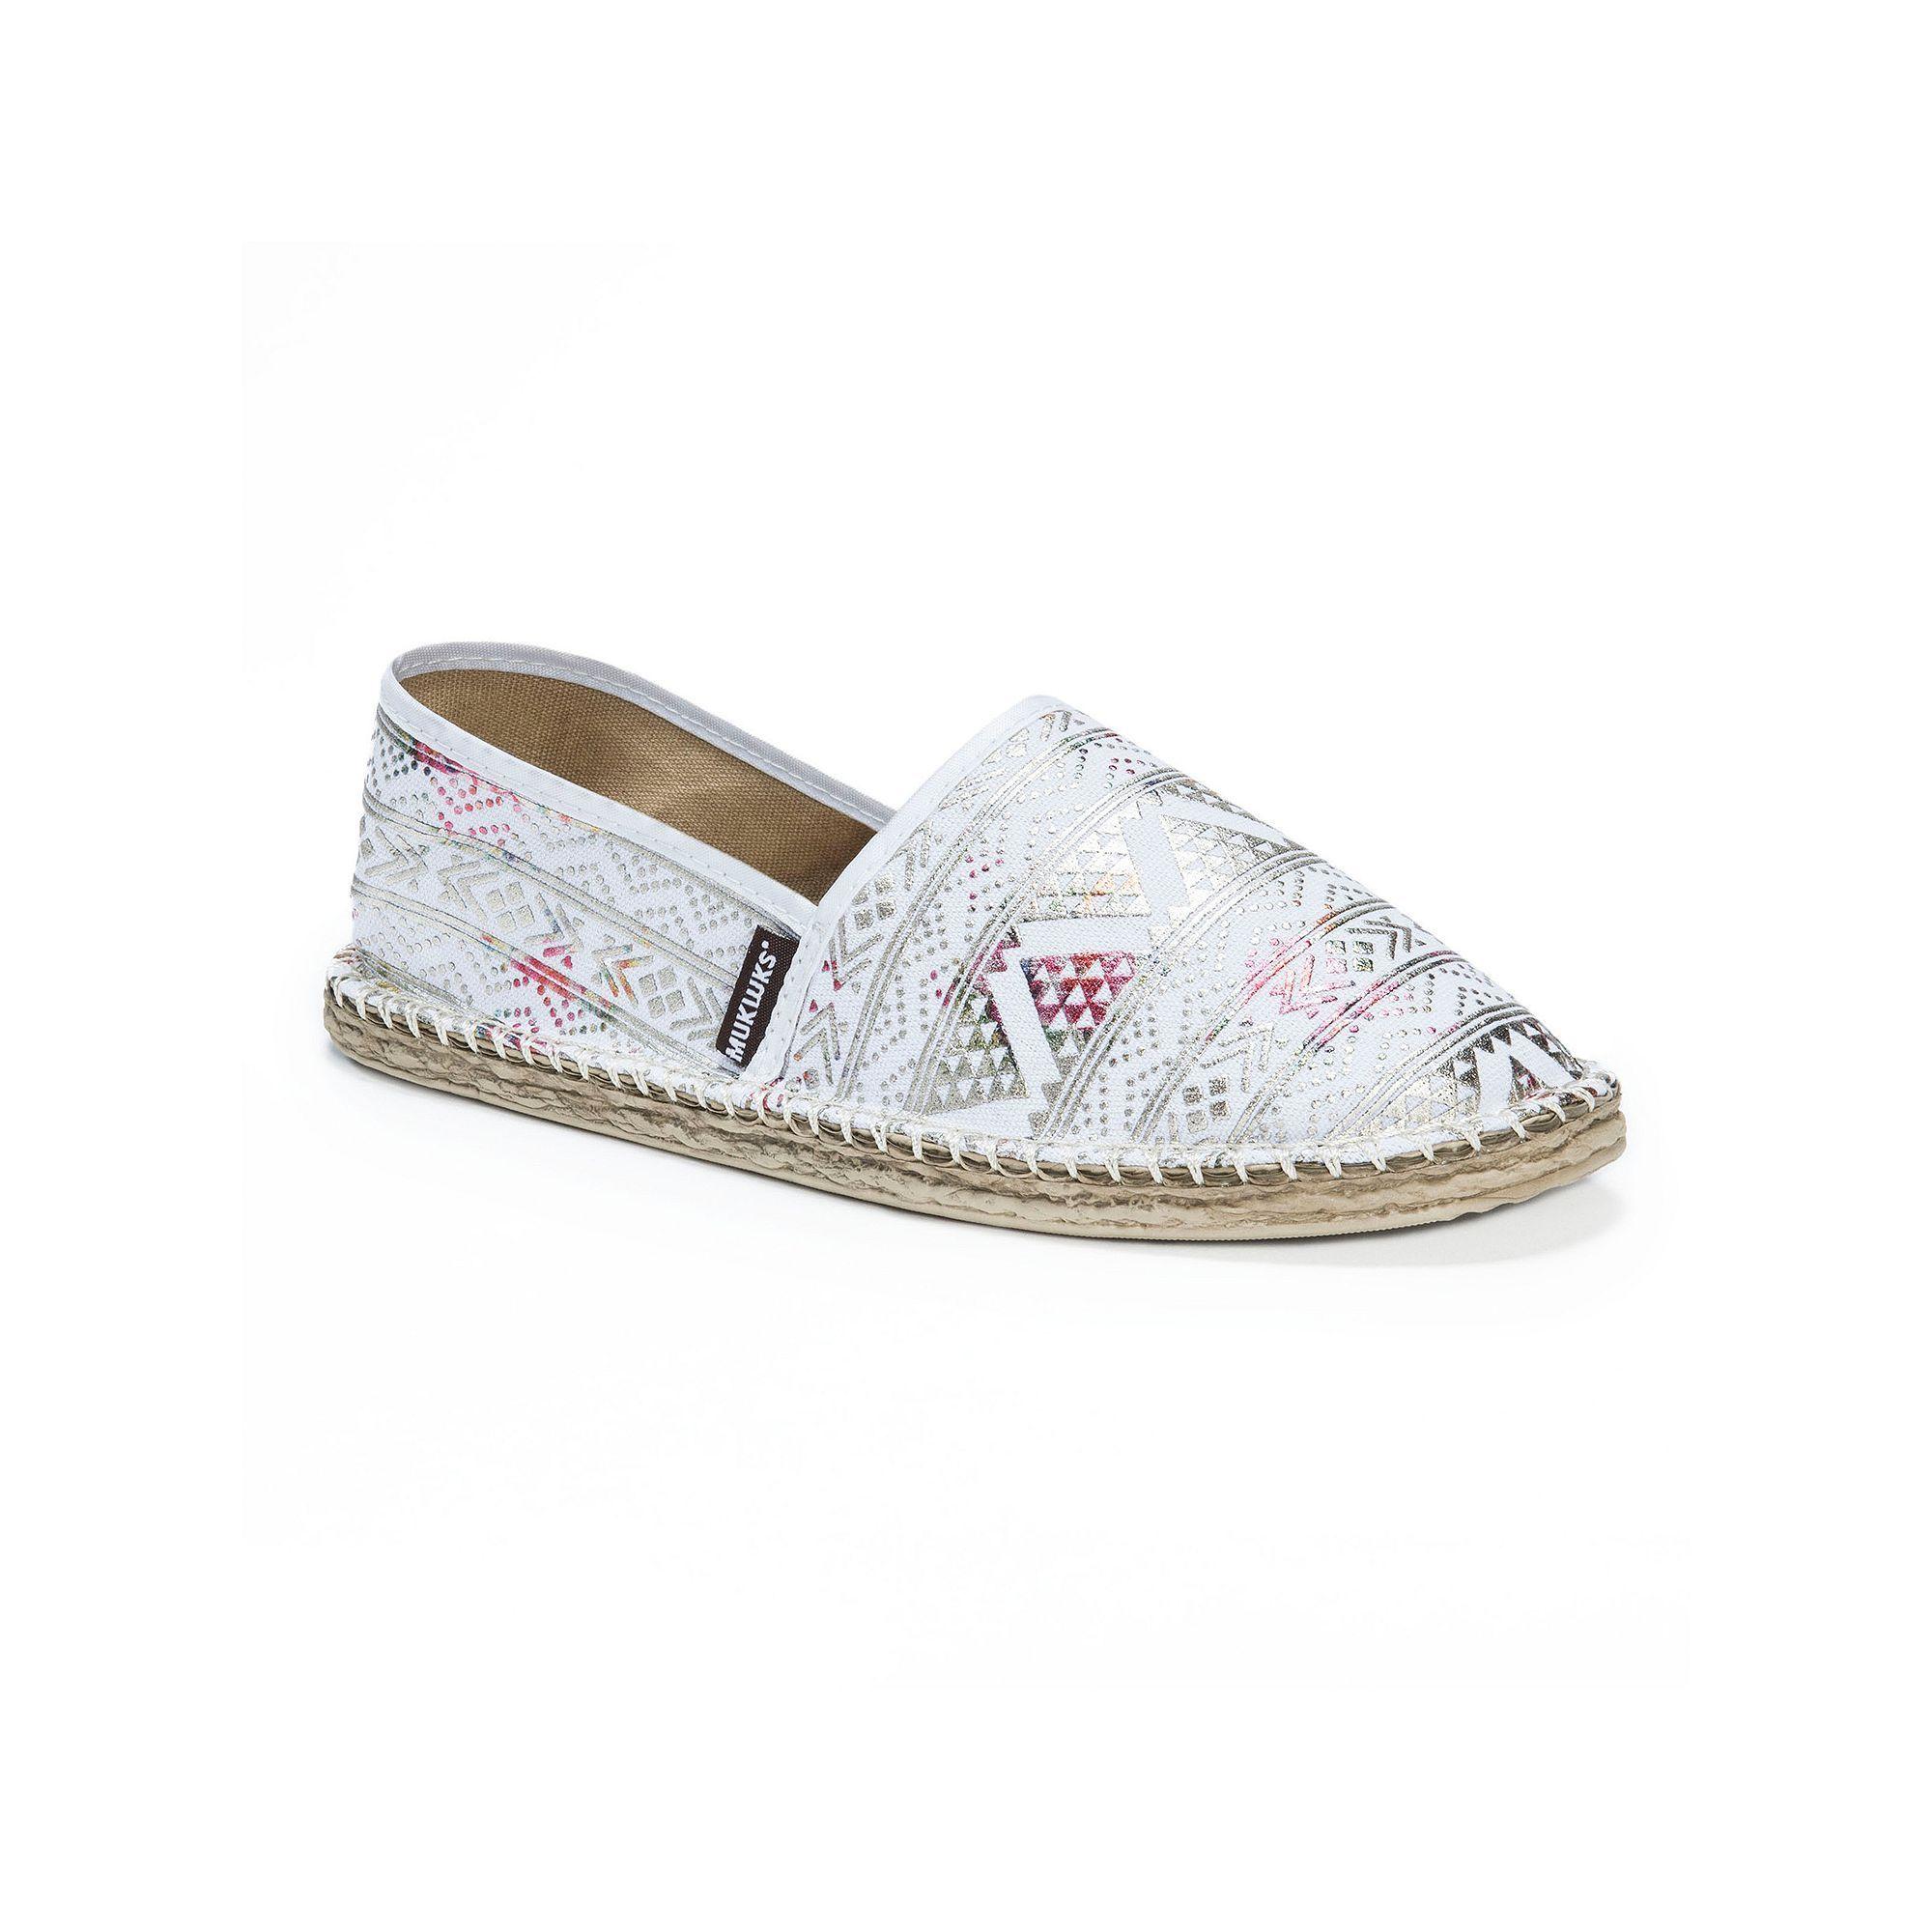 MUK LUKS Josie Women's Espadrille Flats, Size: 10, White